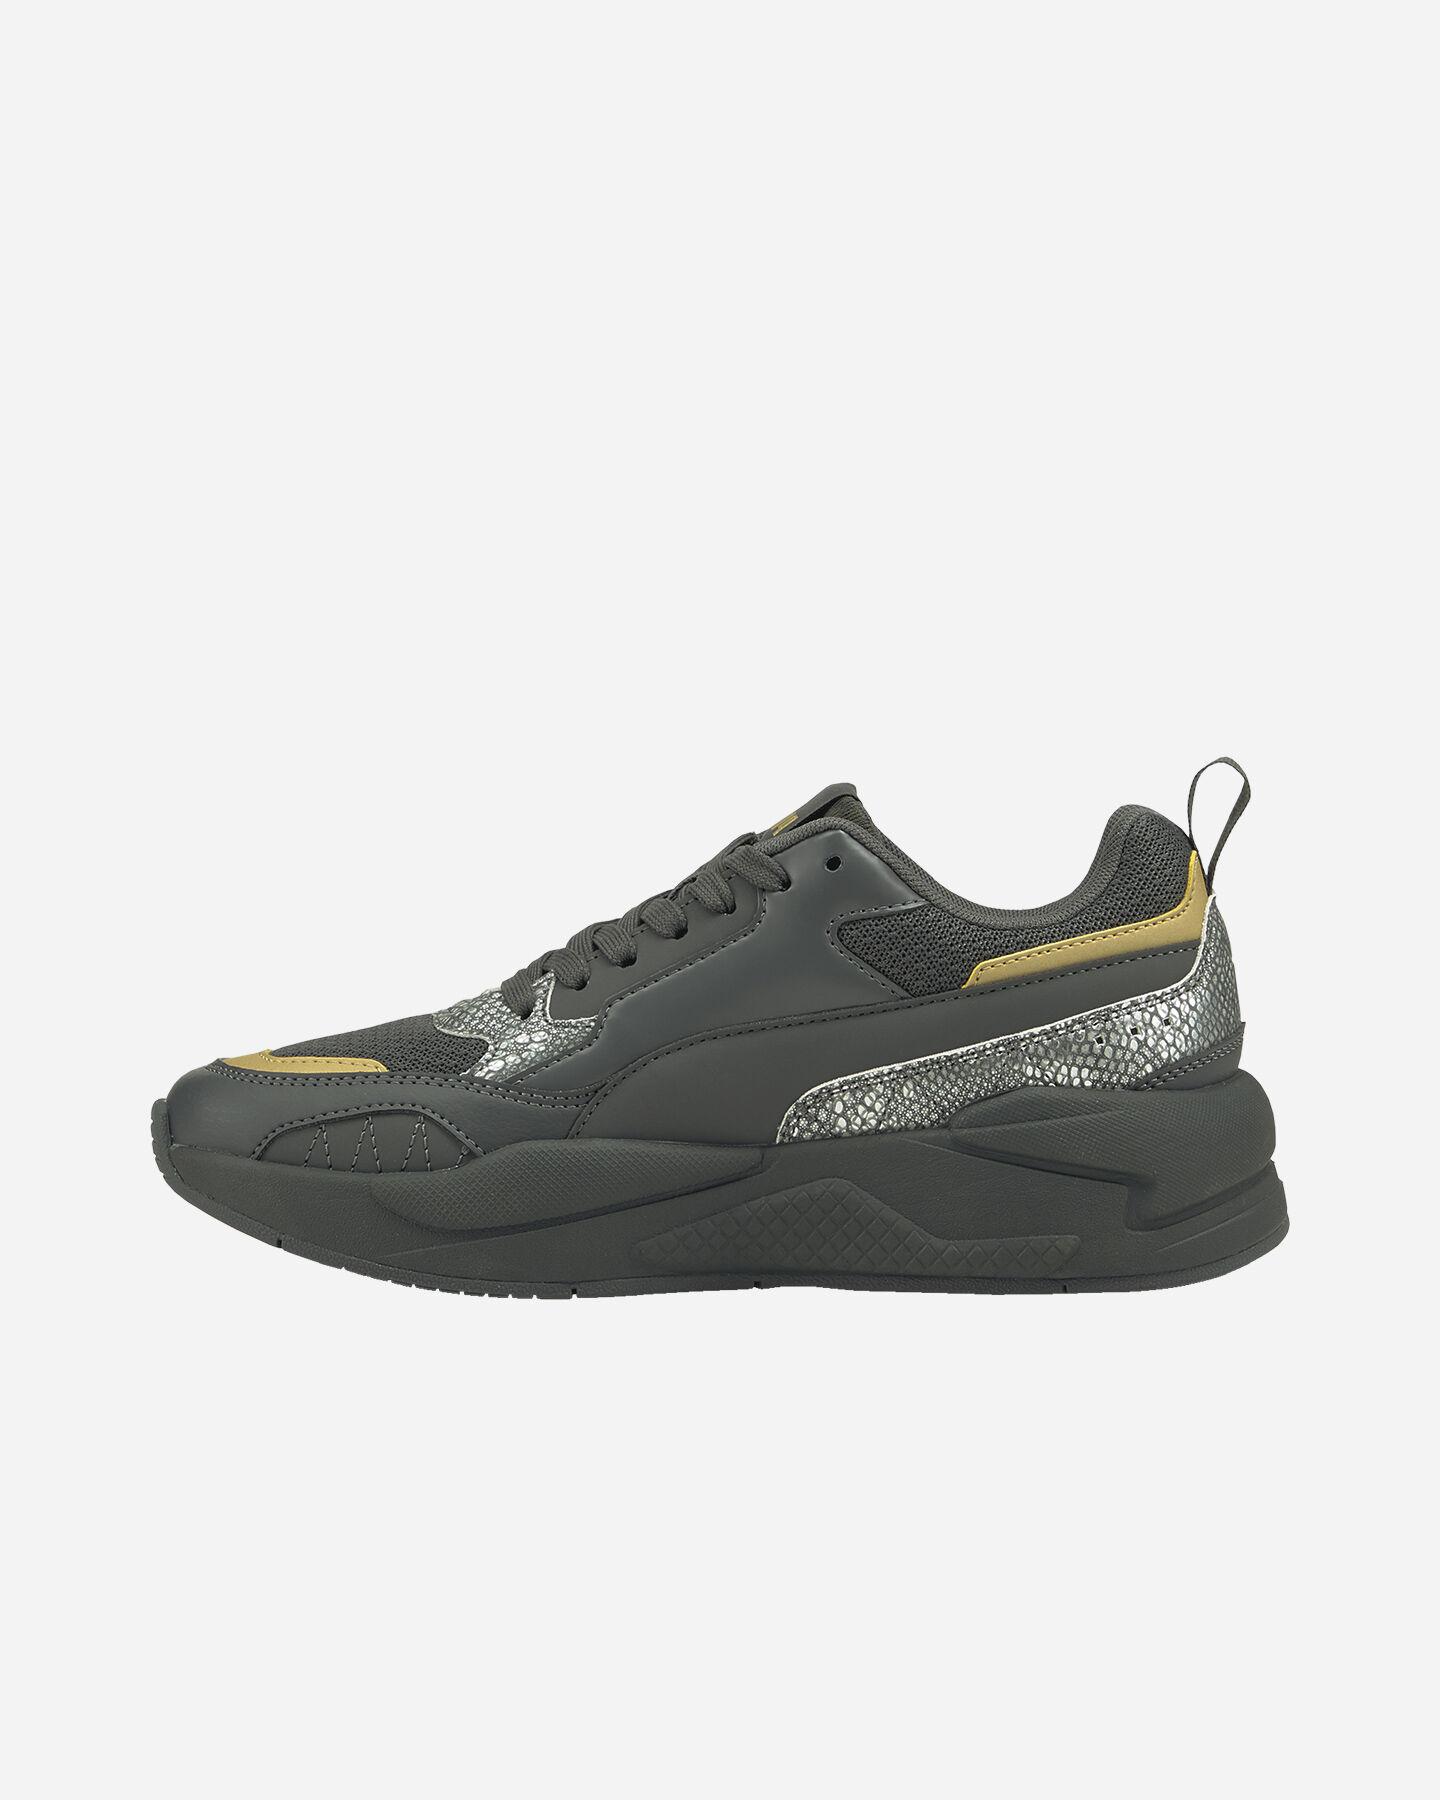 Scarpe sneakers PUMA X-RAY SQUARE SNAKE W S5333456 scatto 5